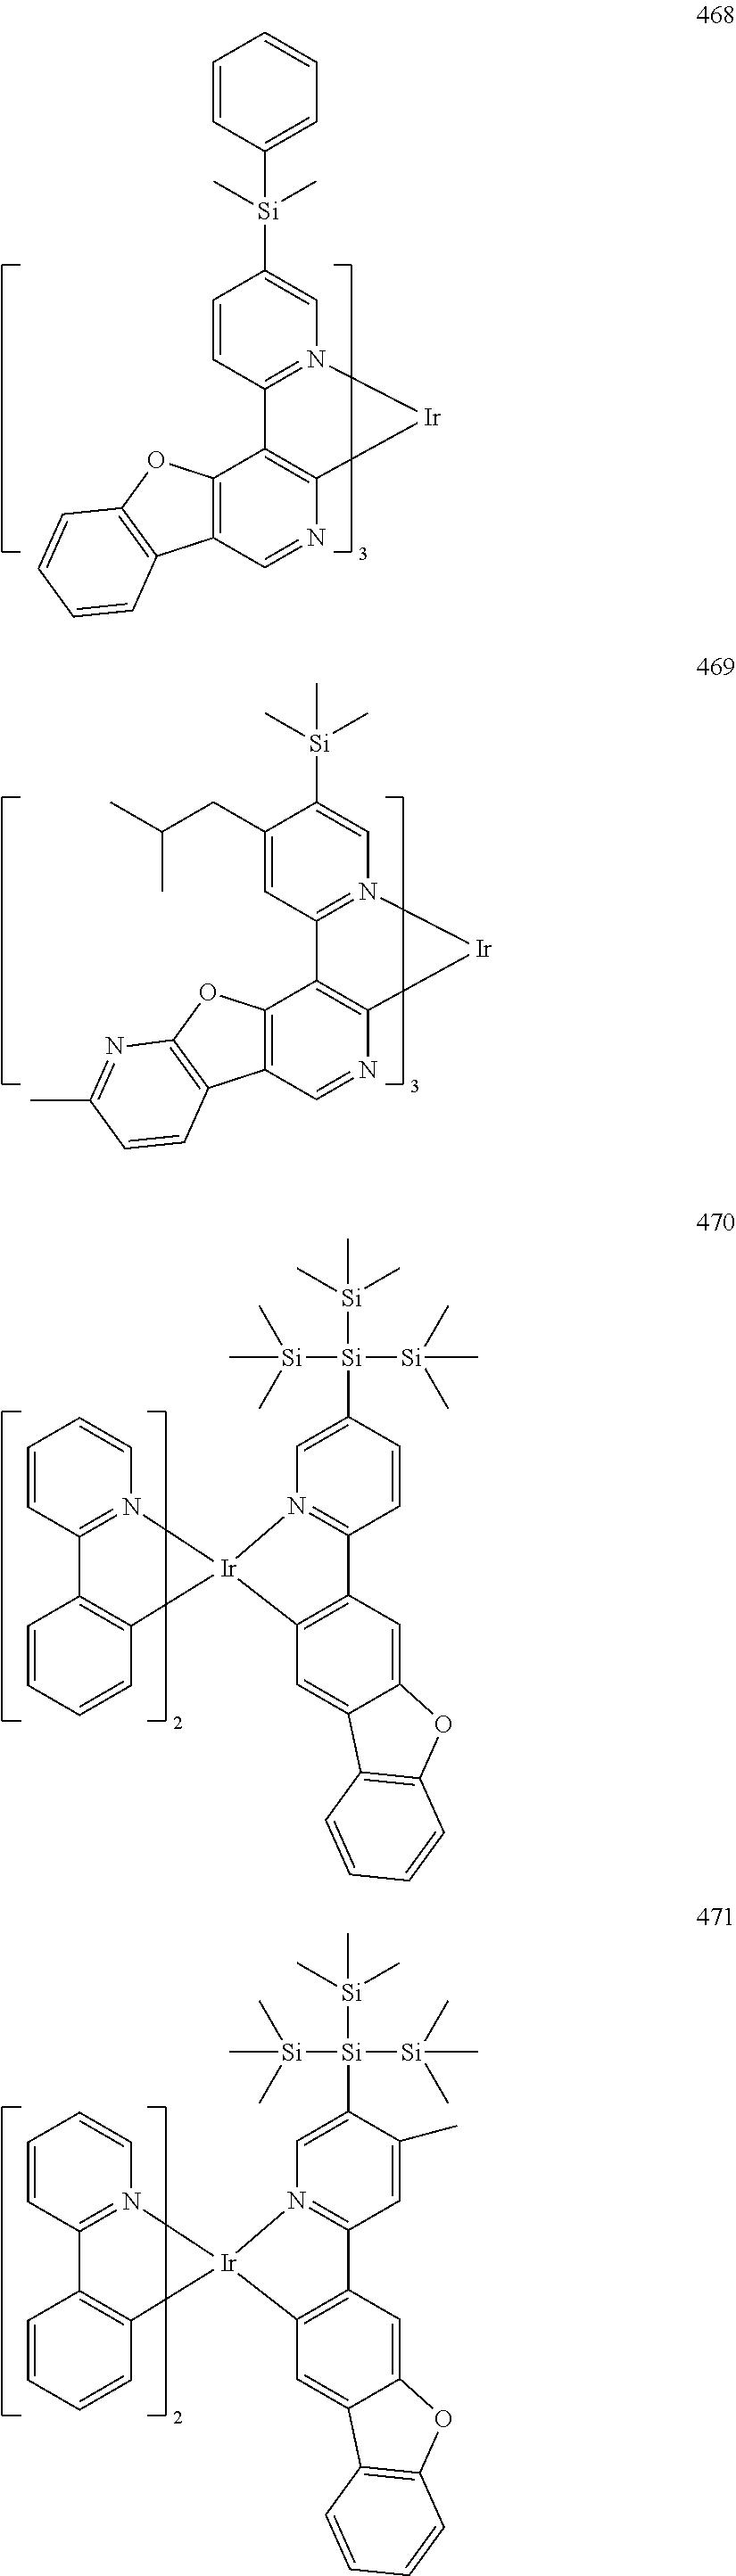 Figure US20160155962A1-20160602-C00456